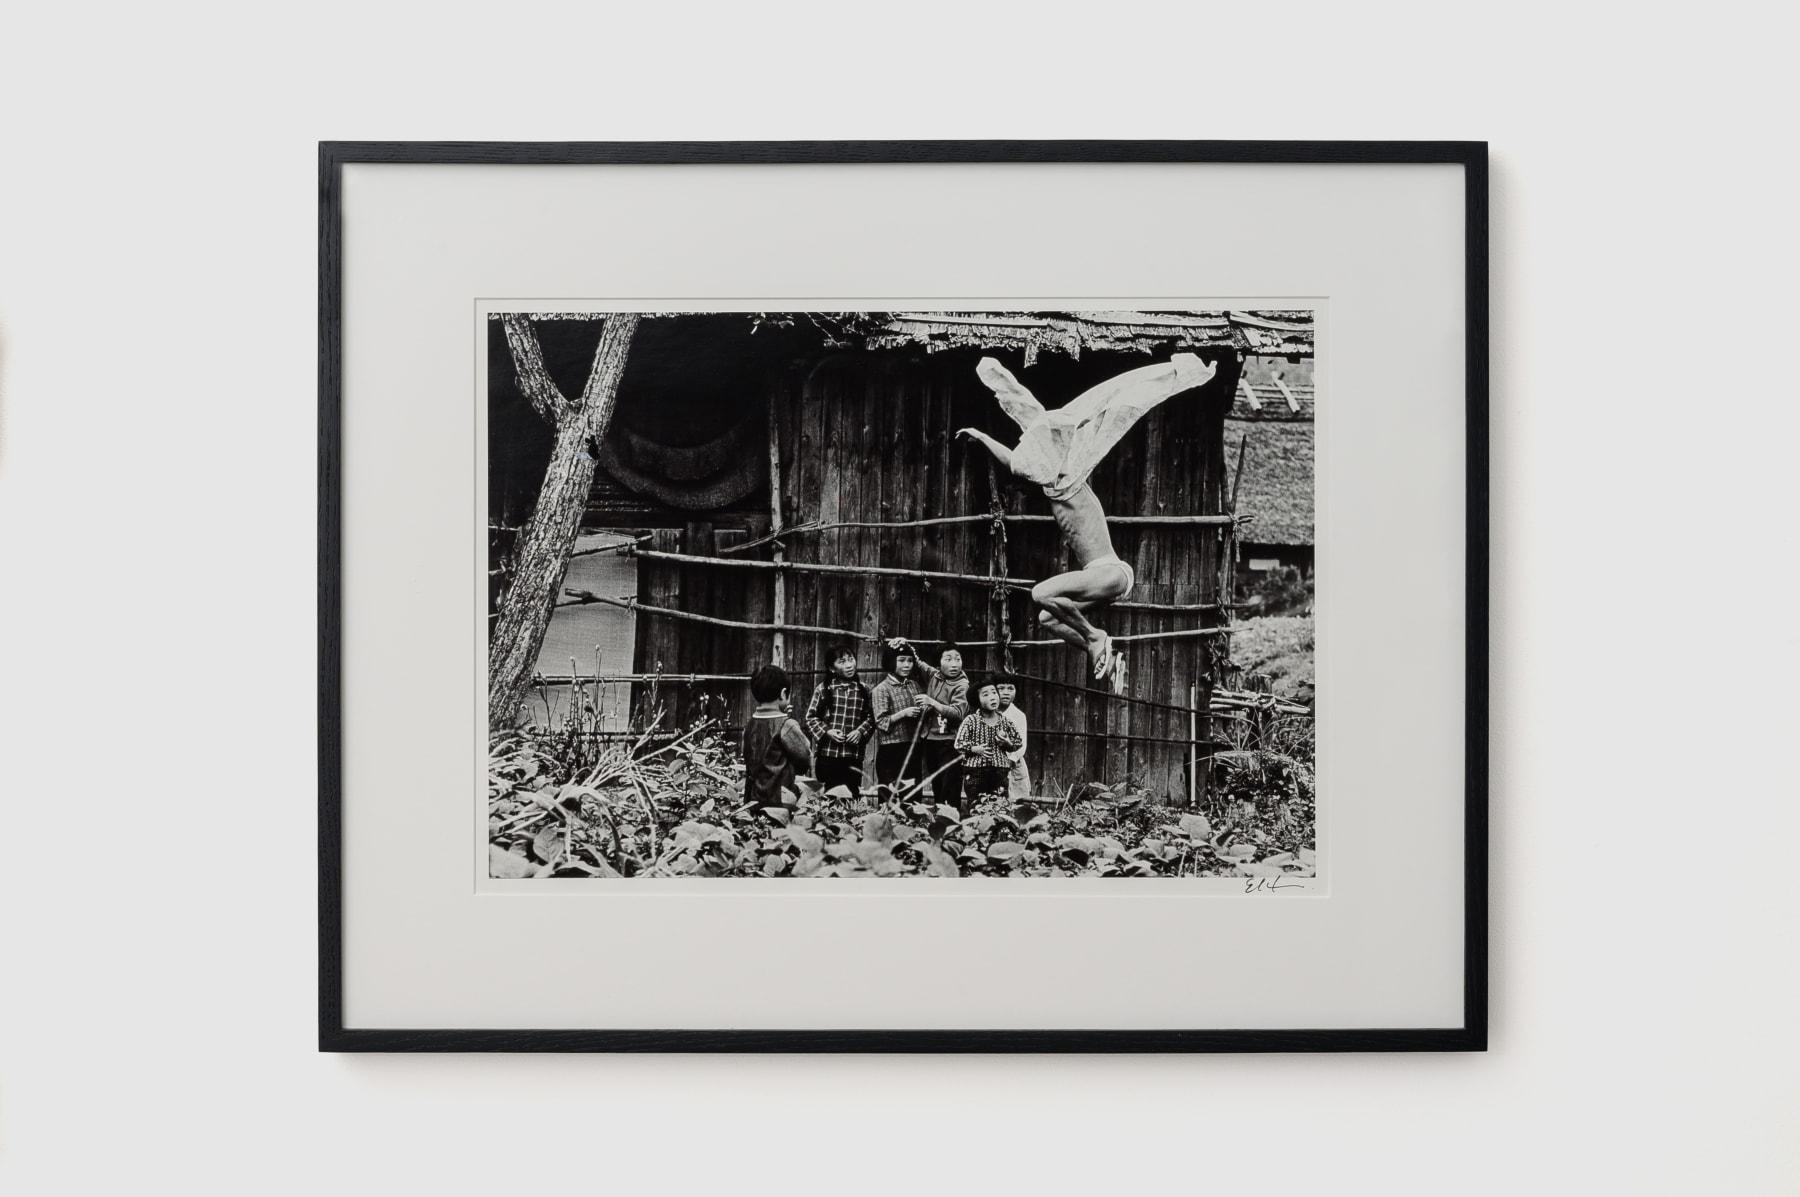 Eikoh Hosoe, Kamaitachi #17, 1965/2007